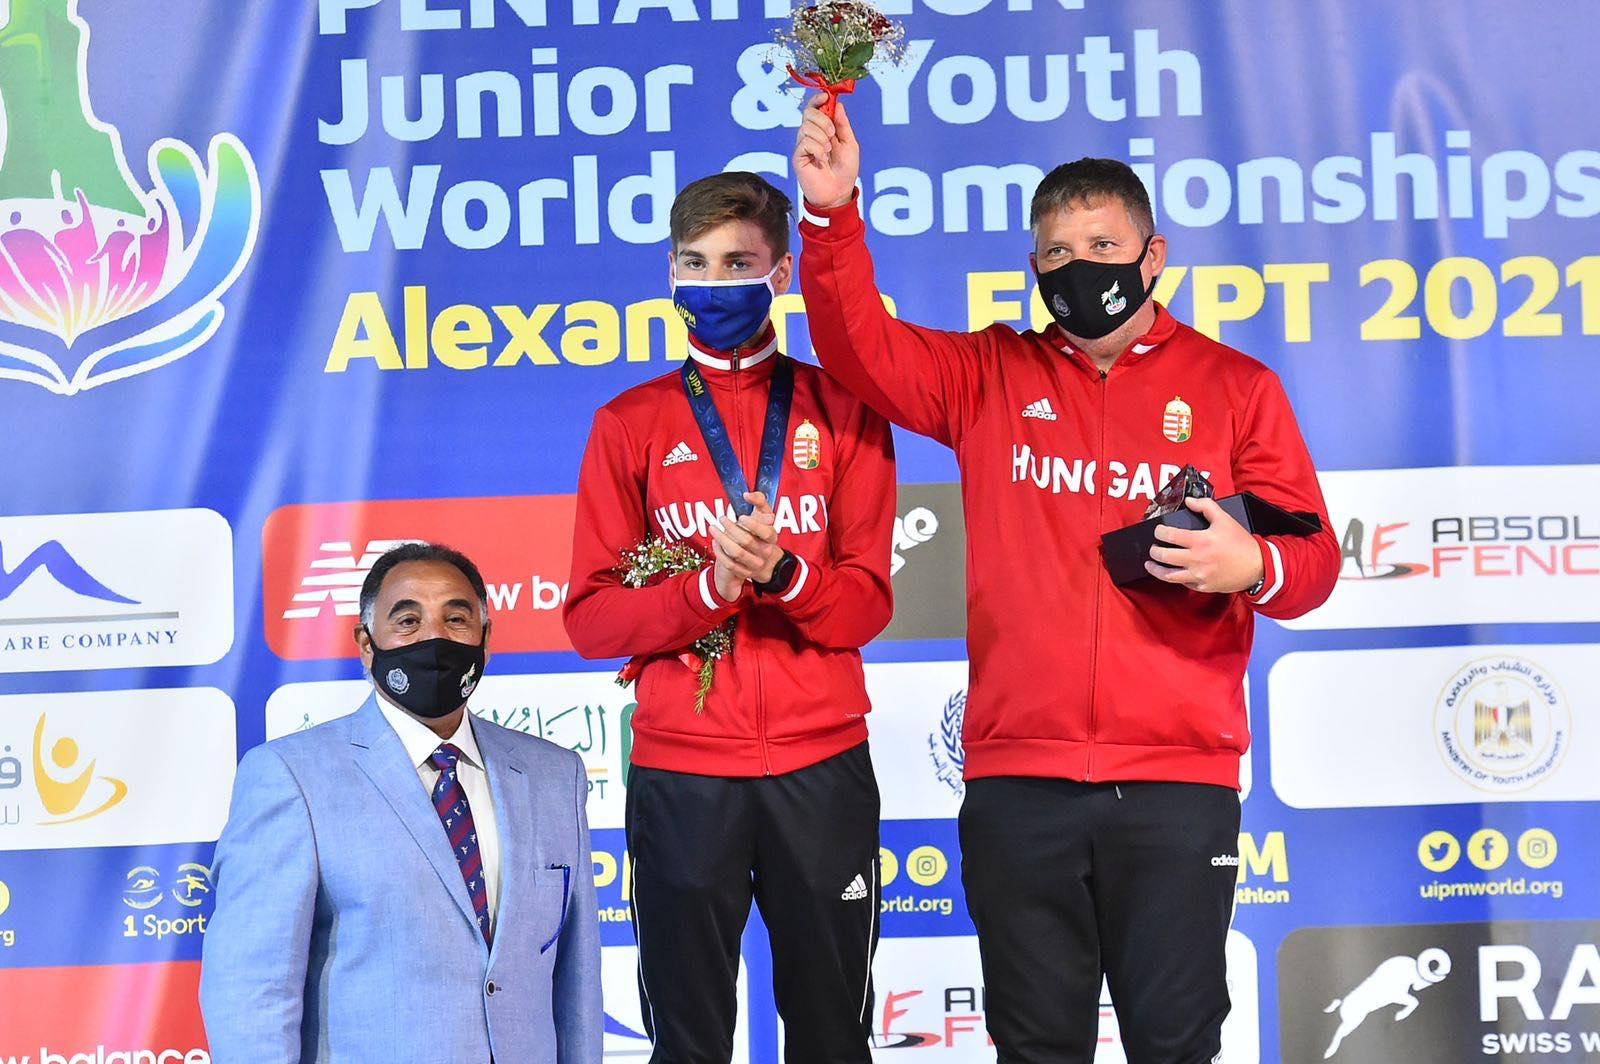 مصر تحصد فضية الفردي والفرق تحت 17 عام في  بطولة العالم للخماسي الحديث